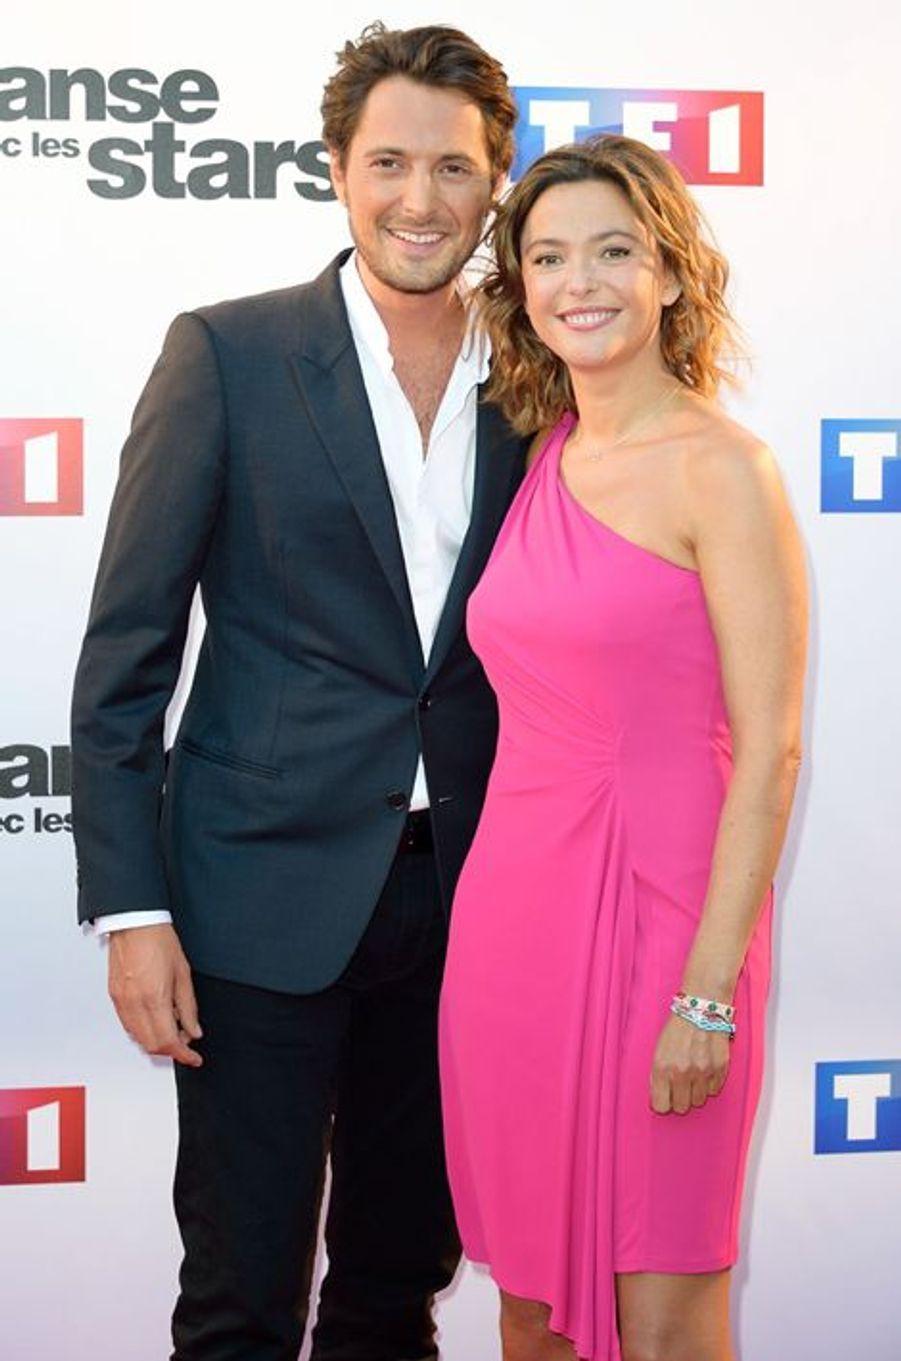 Danse avec les stars 5 : les présentateurs Vincent Cerutti et Sandrine Quétier